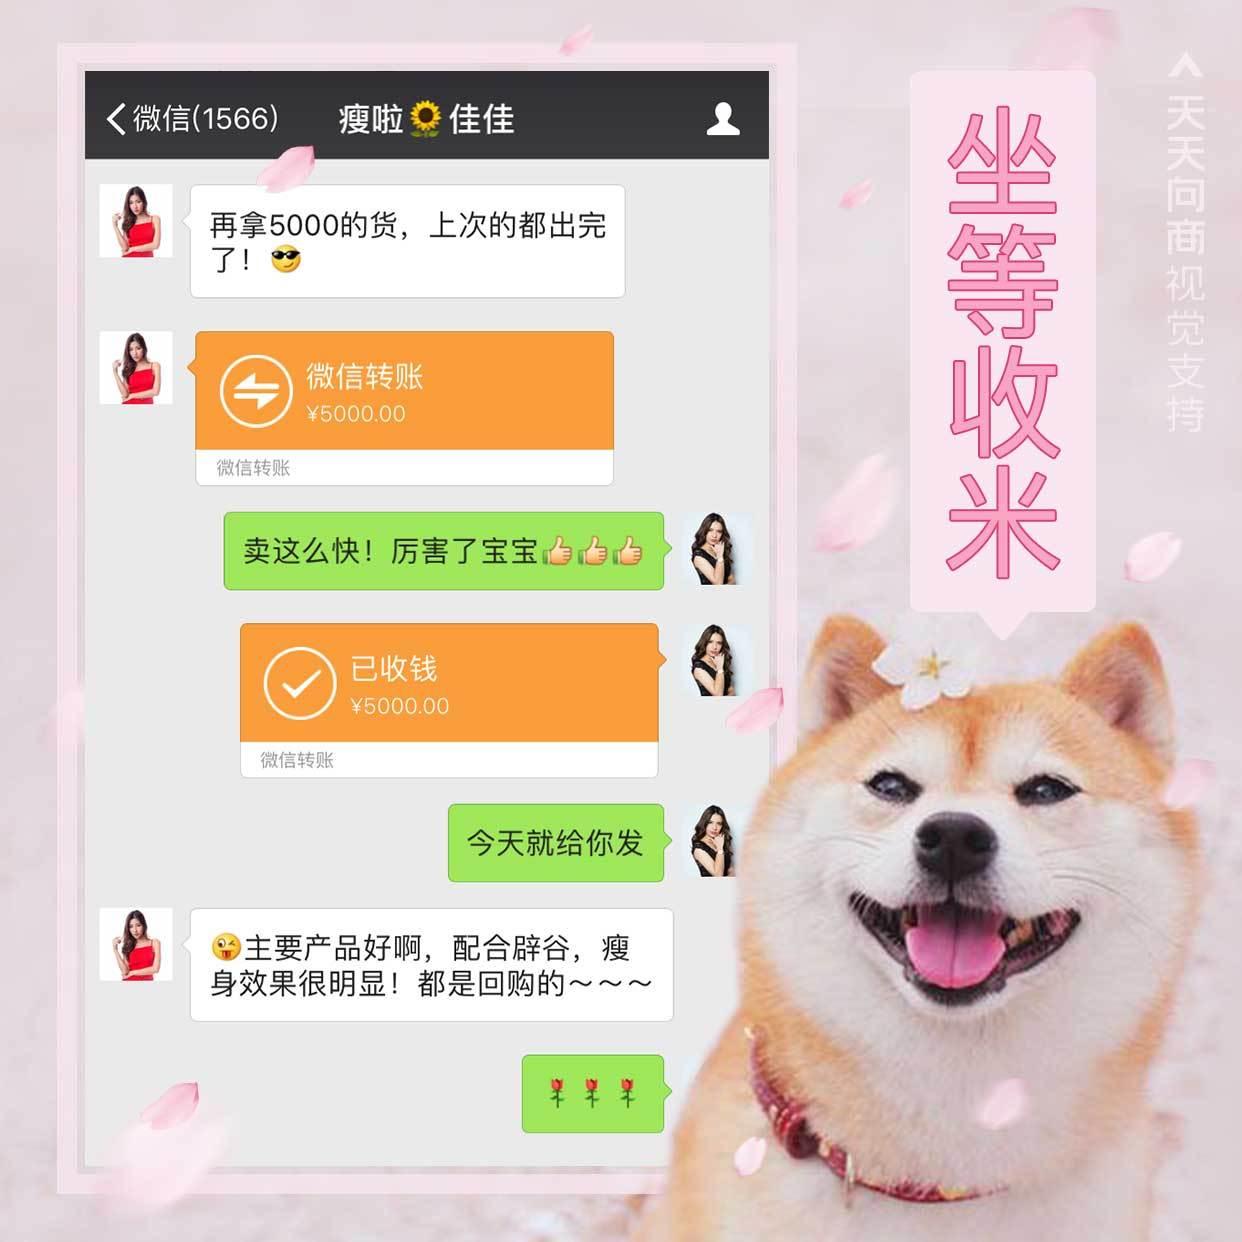 萌宠柴犬花式晒单方形海报